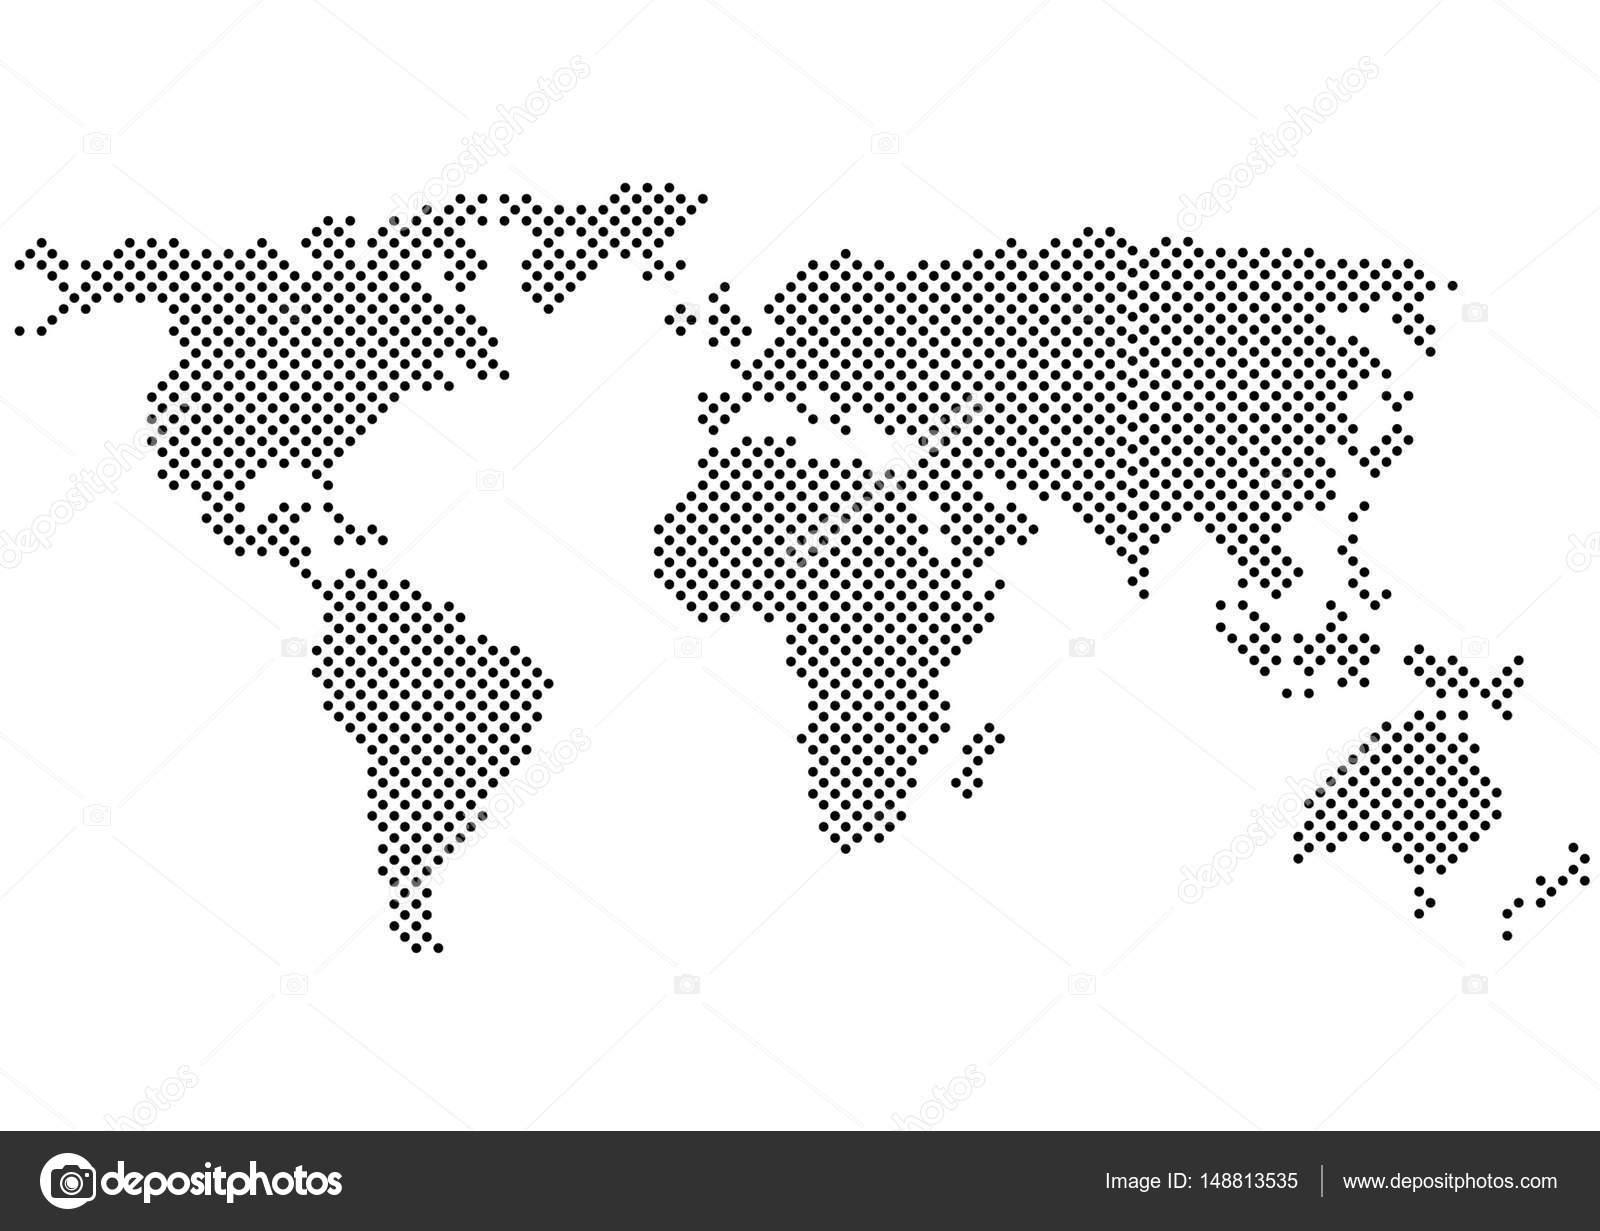 Imágenes: Mapa Mundi En Blanco Y Negro